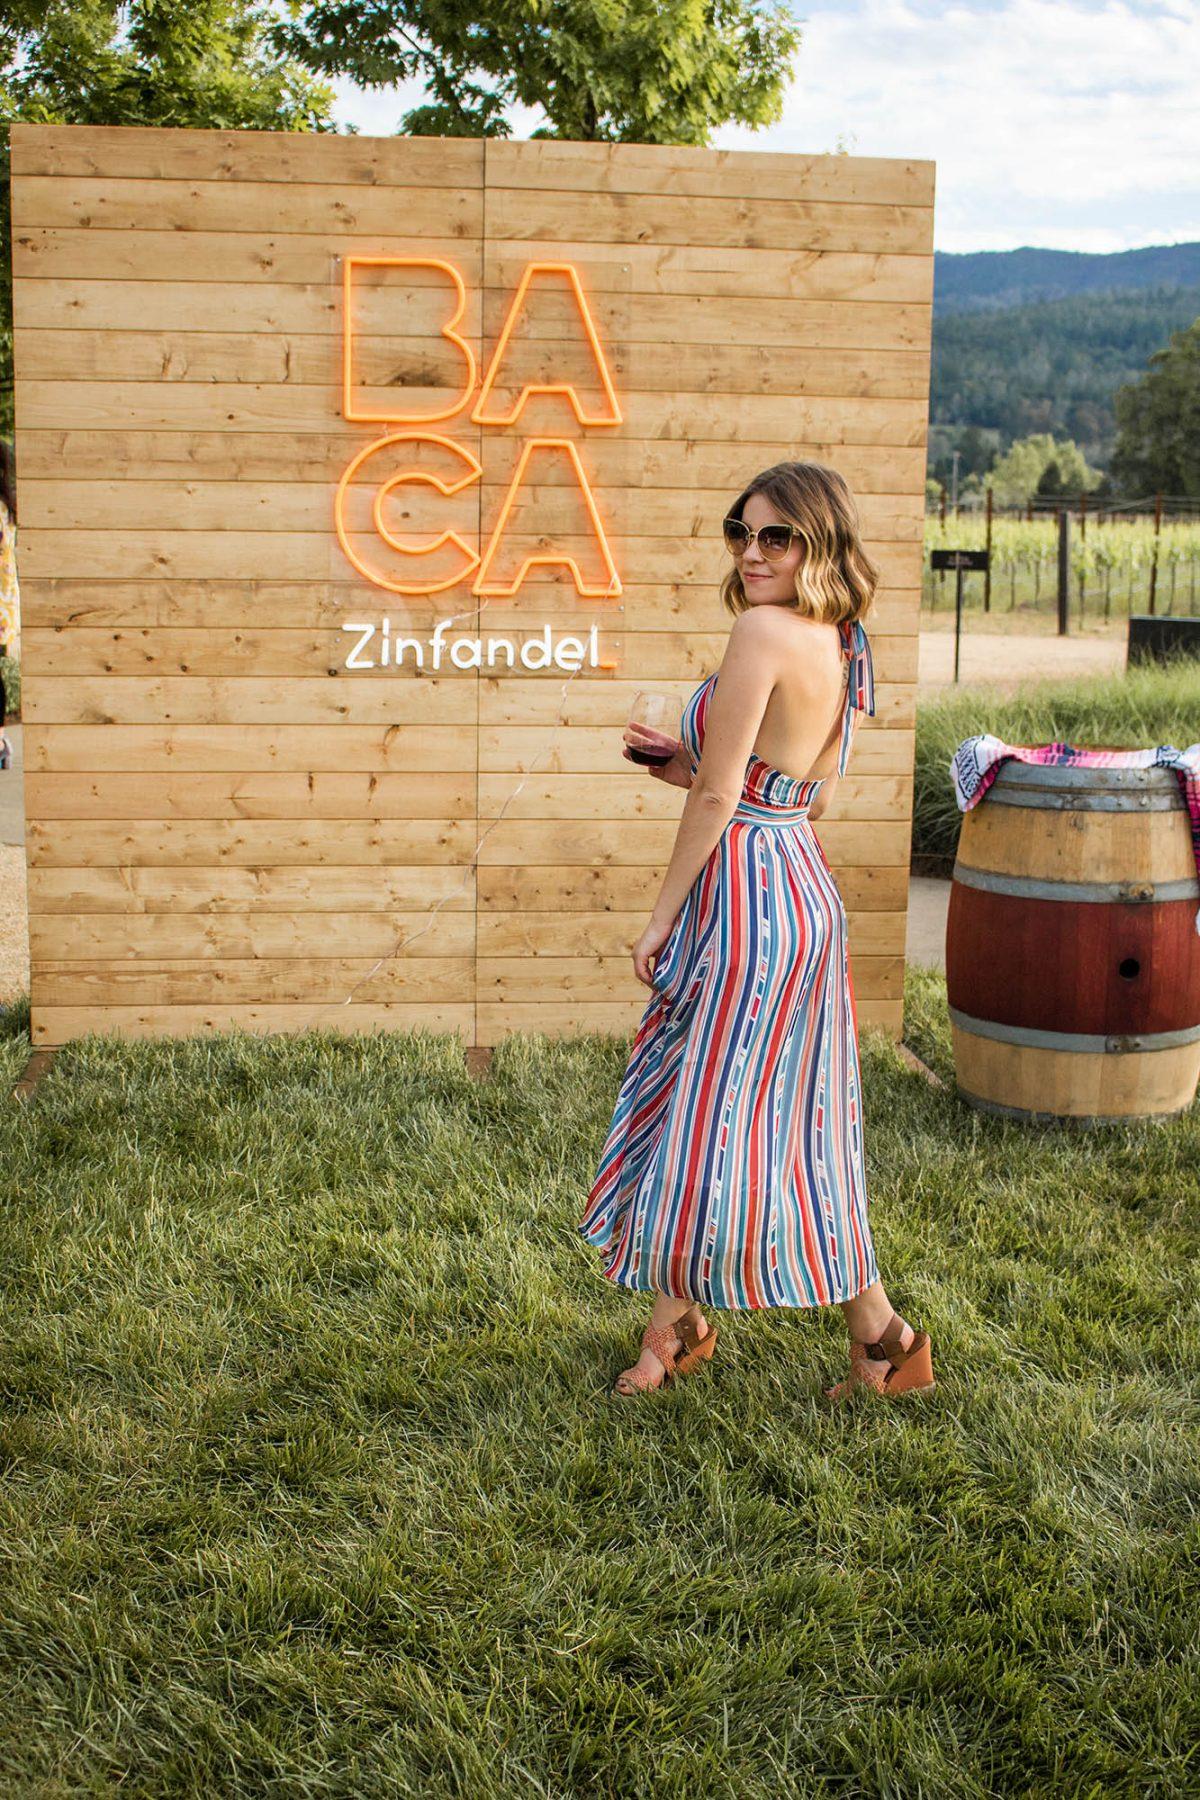 BACA Wines Zinfandel tasting